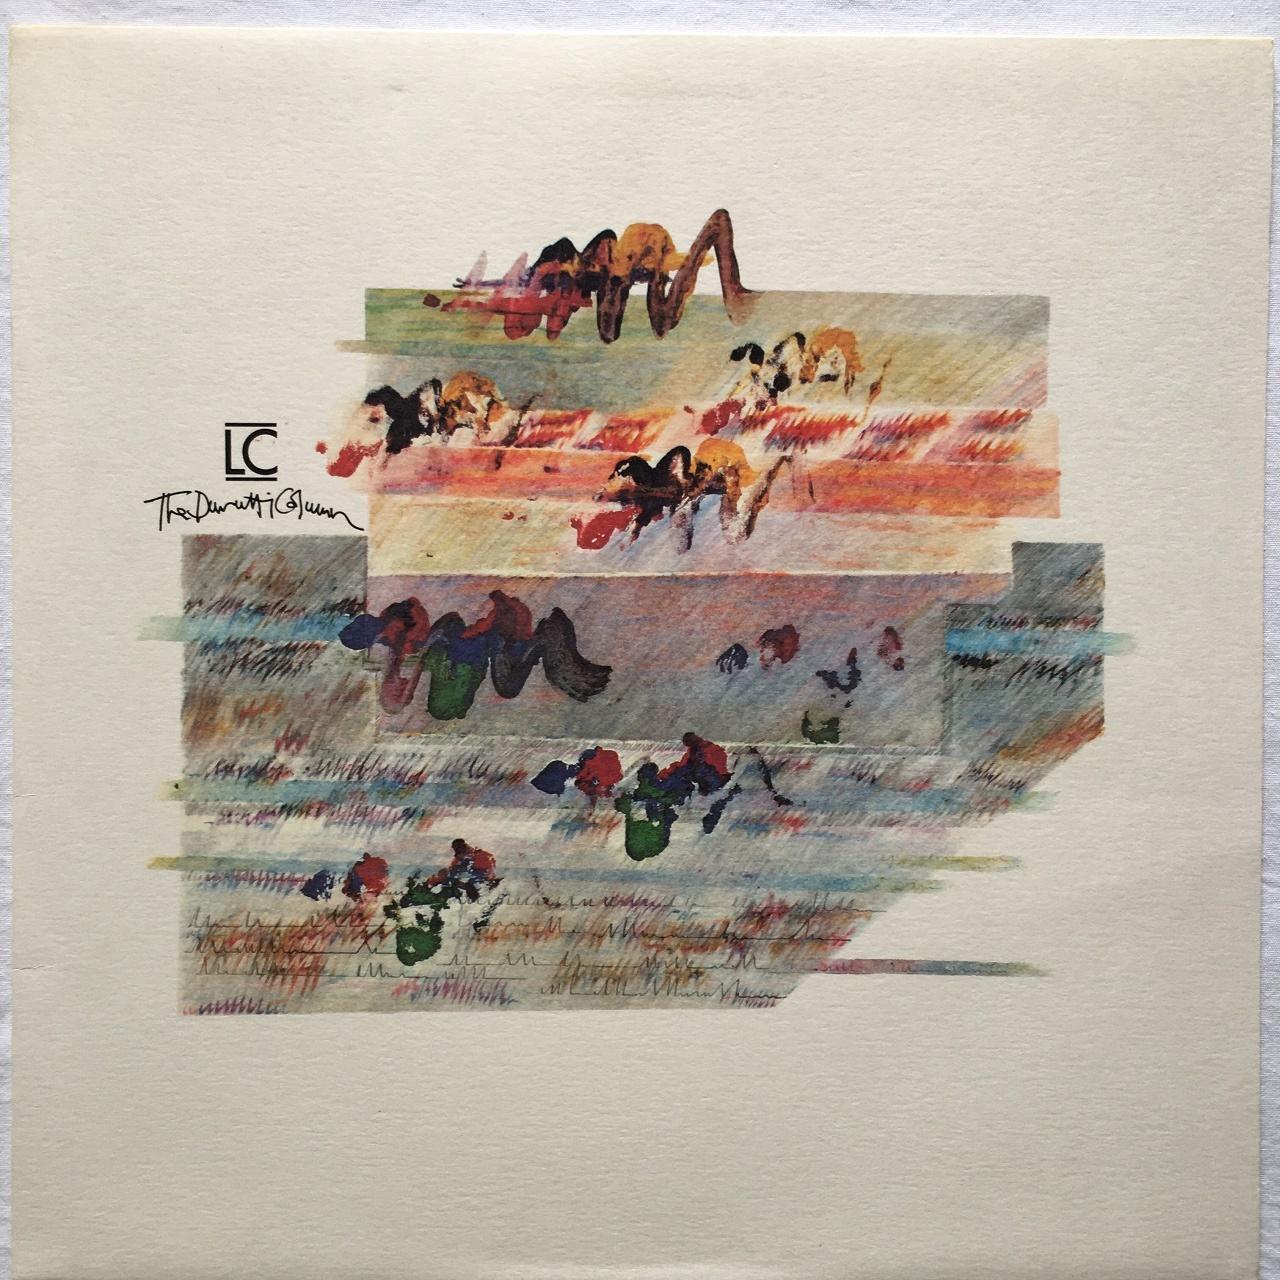 【LP・英盤】The Durutti Column / LC